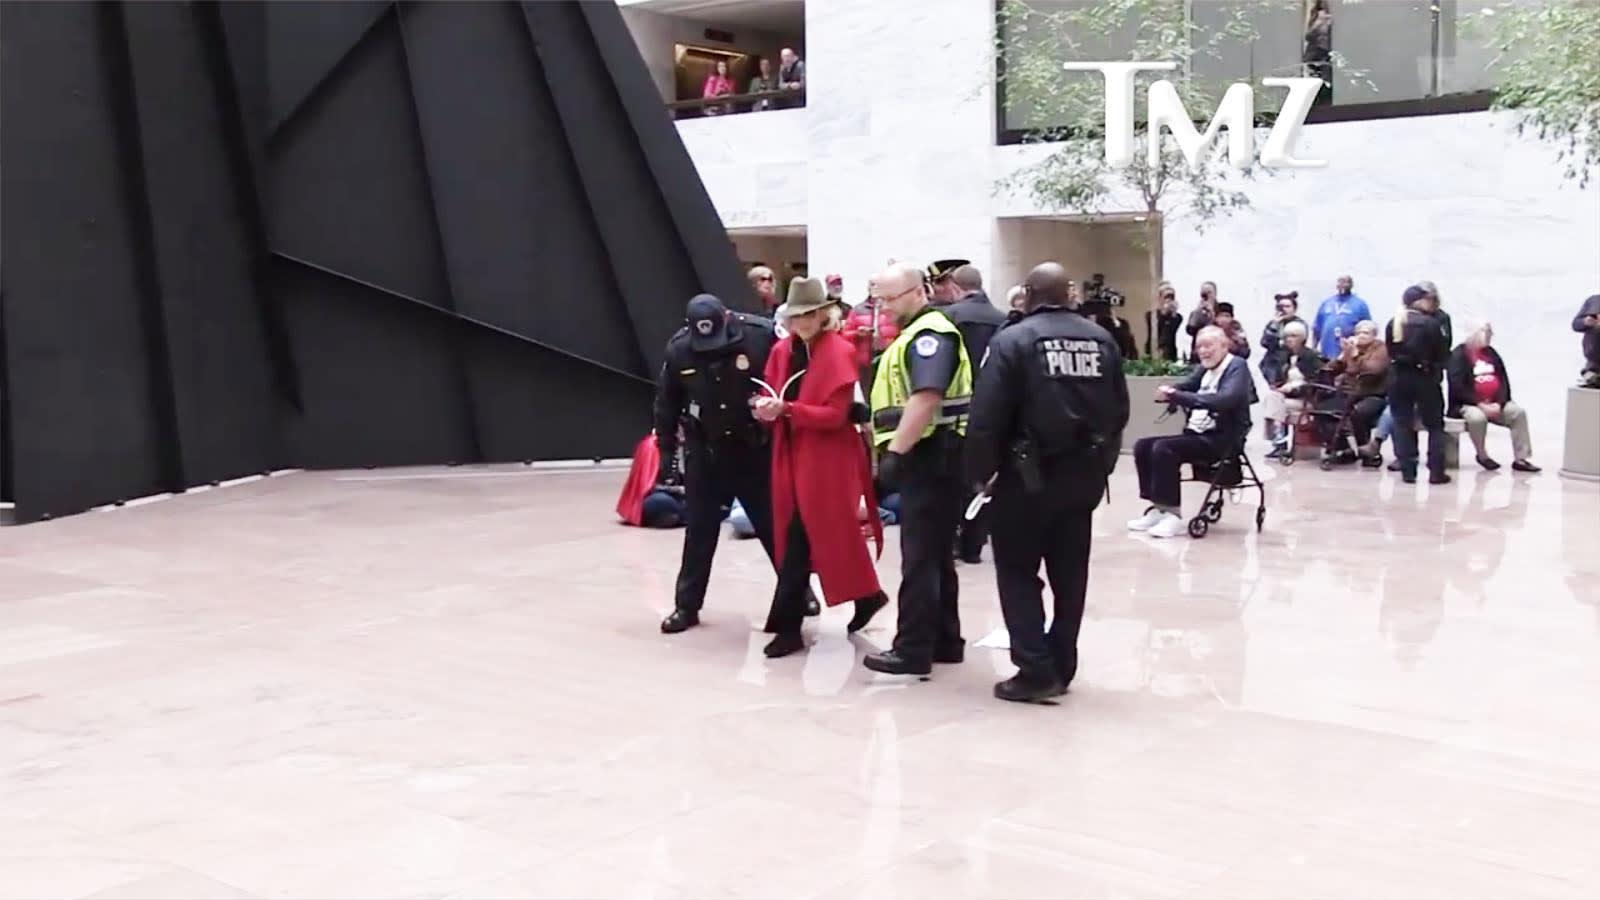 Jane Fonda letartóztatása negyedszer is megtörtént | ClimeNews - Hírportál